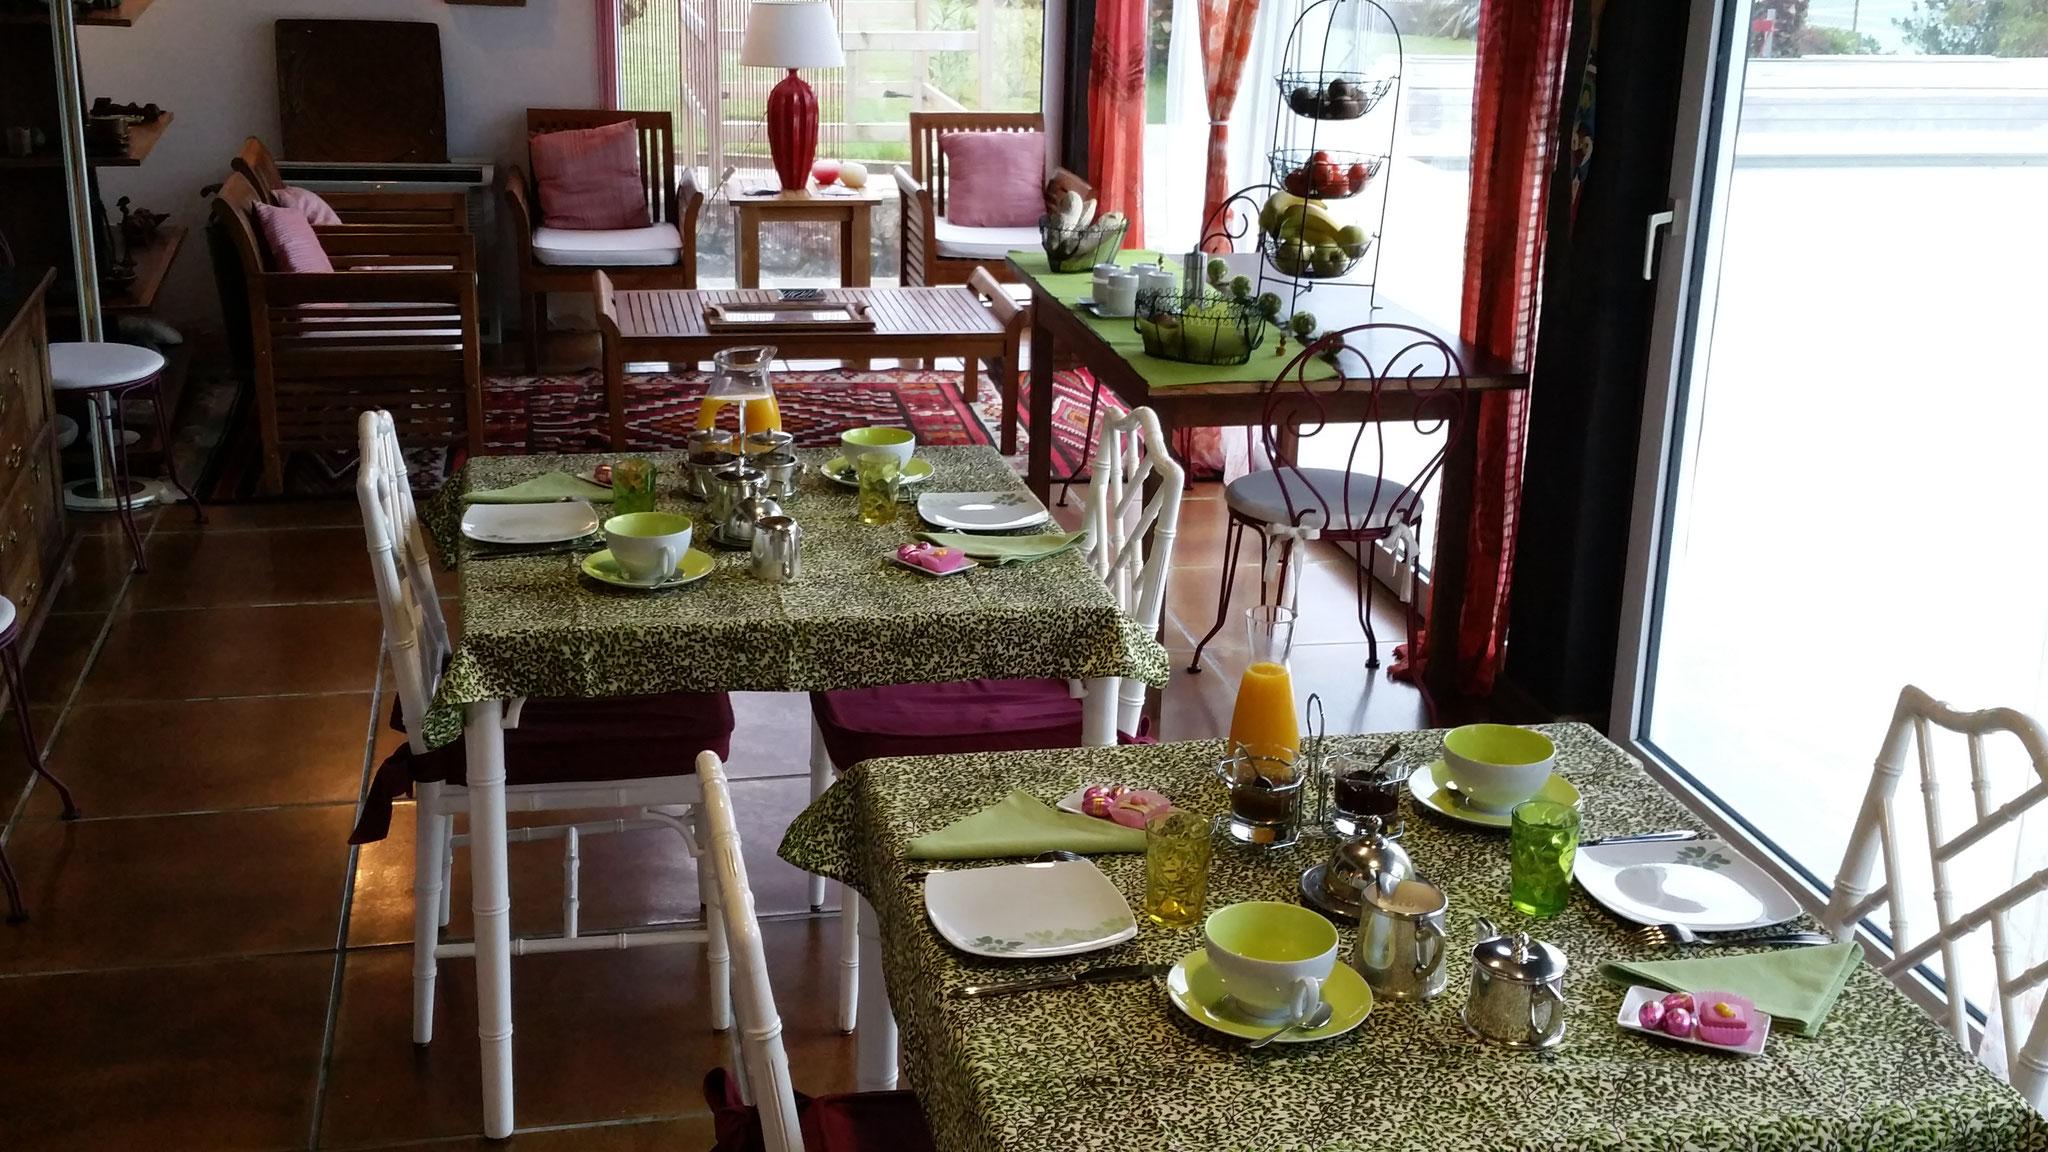 domaine de Millox, petits déjeuners dans la véranda